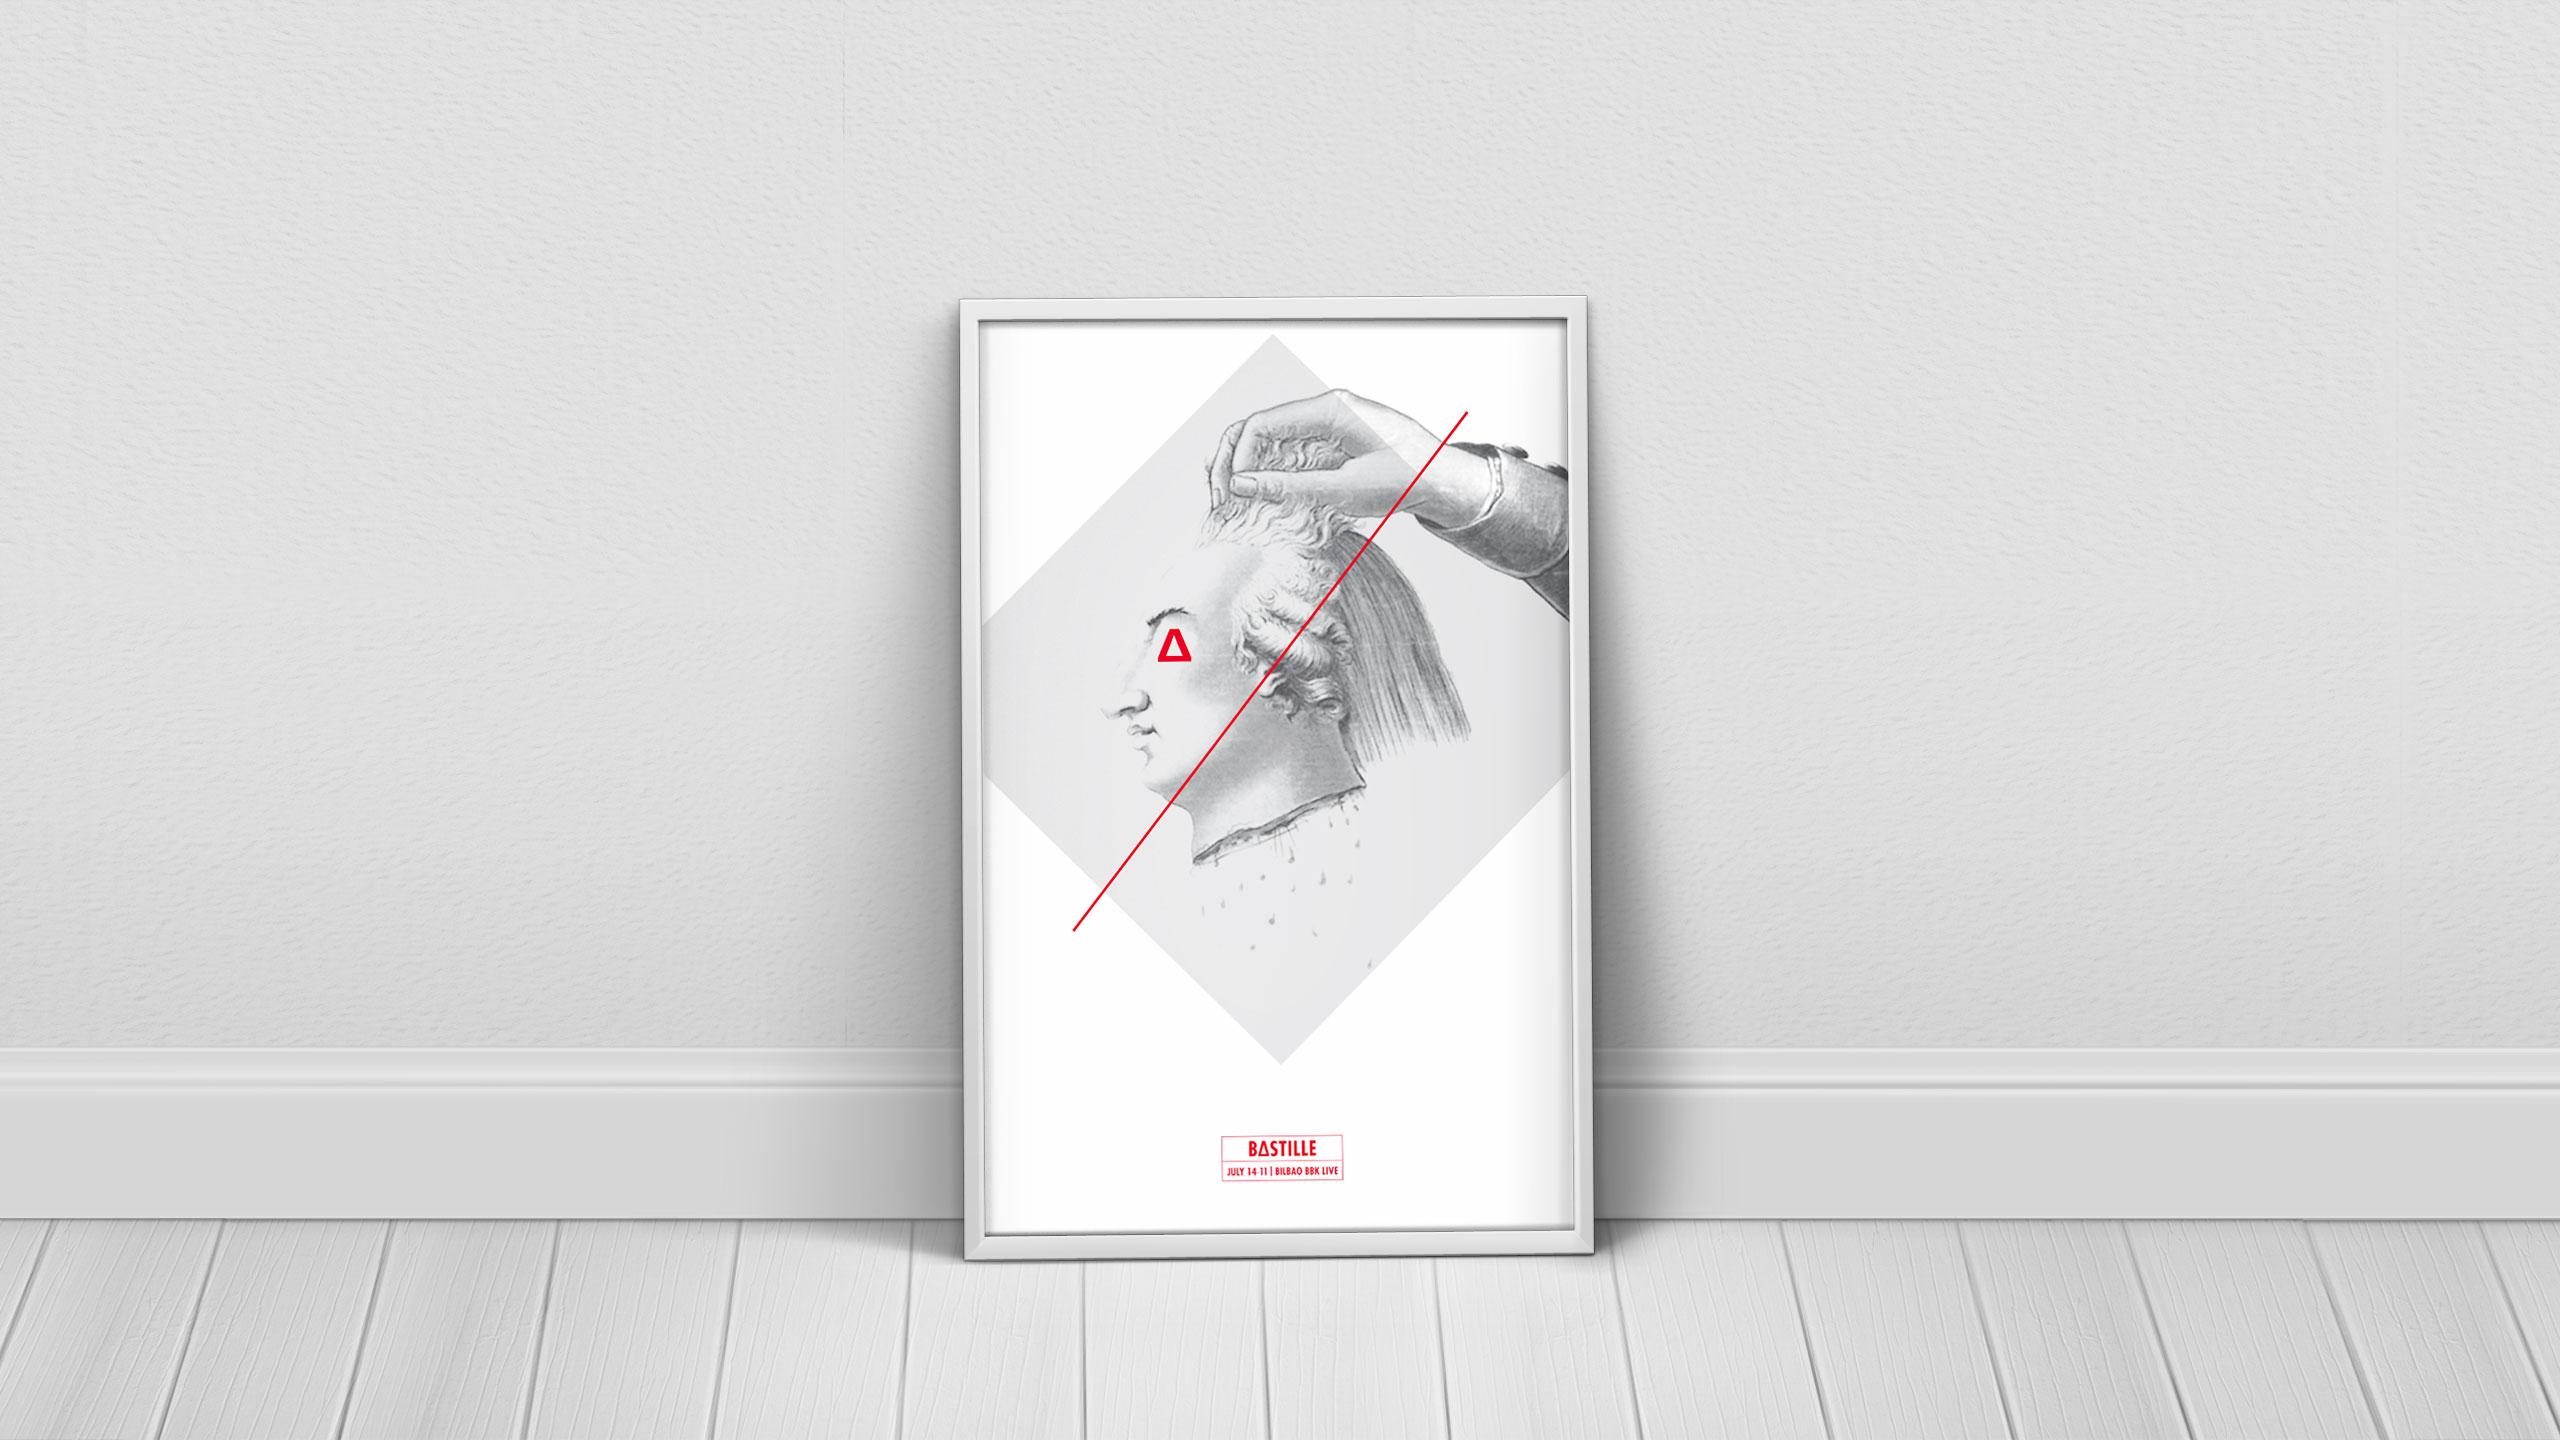 posters_bastille